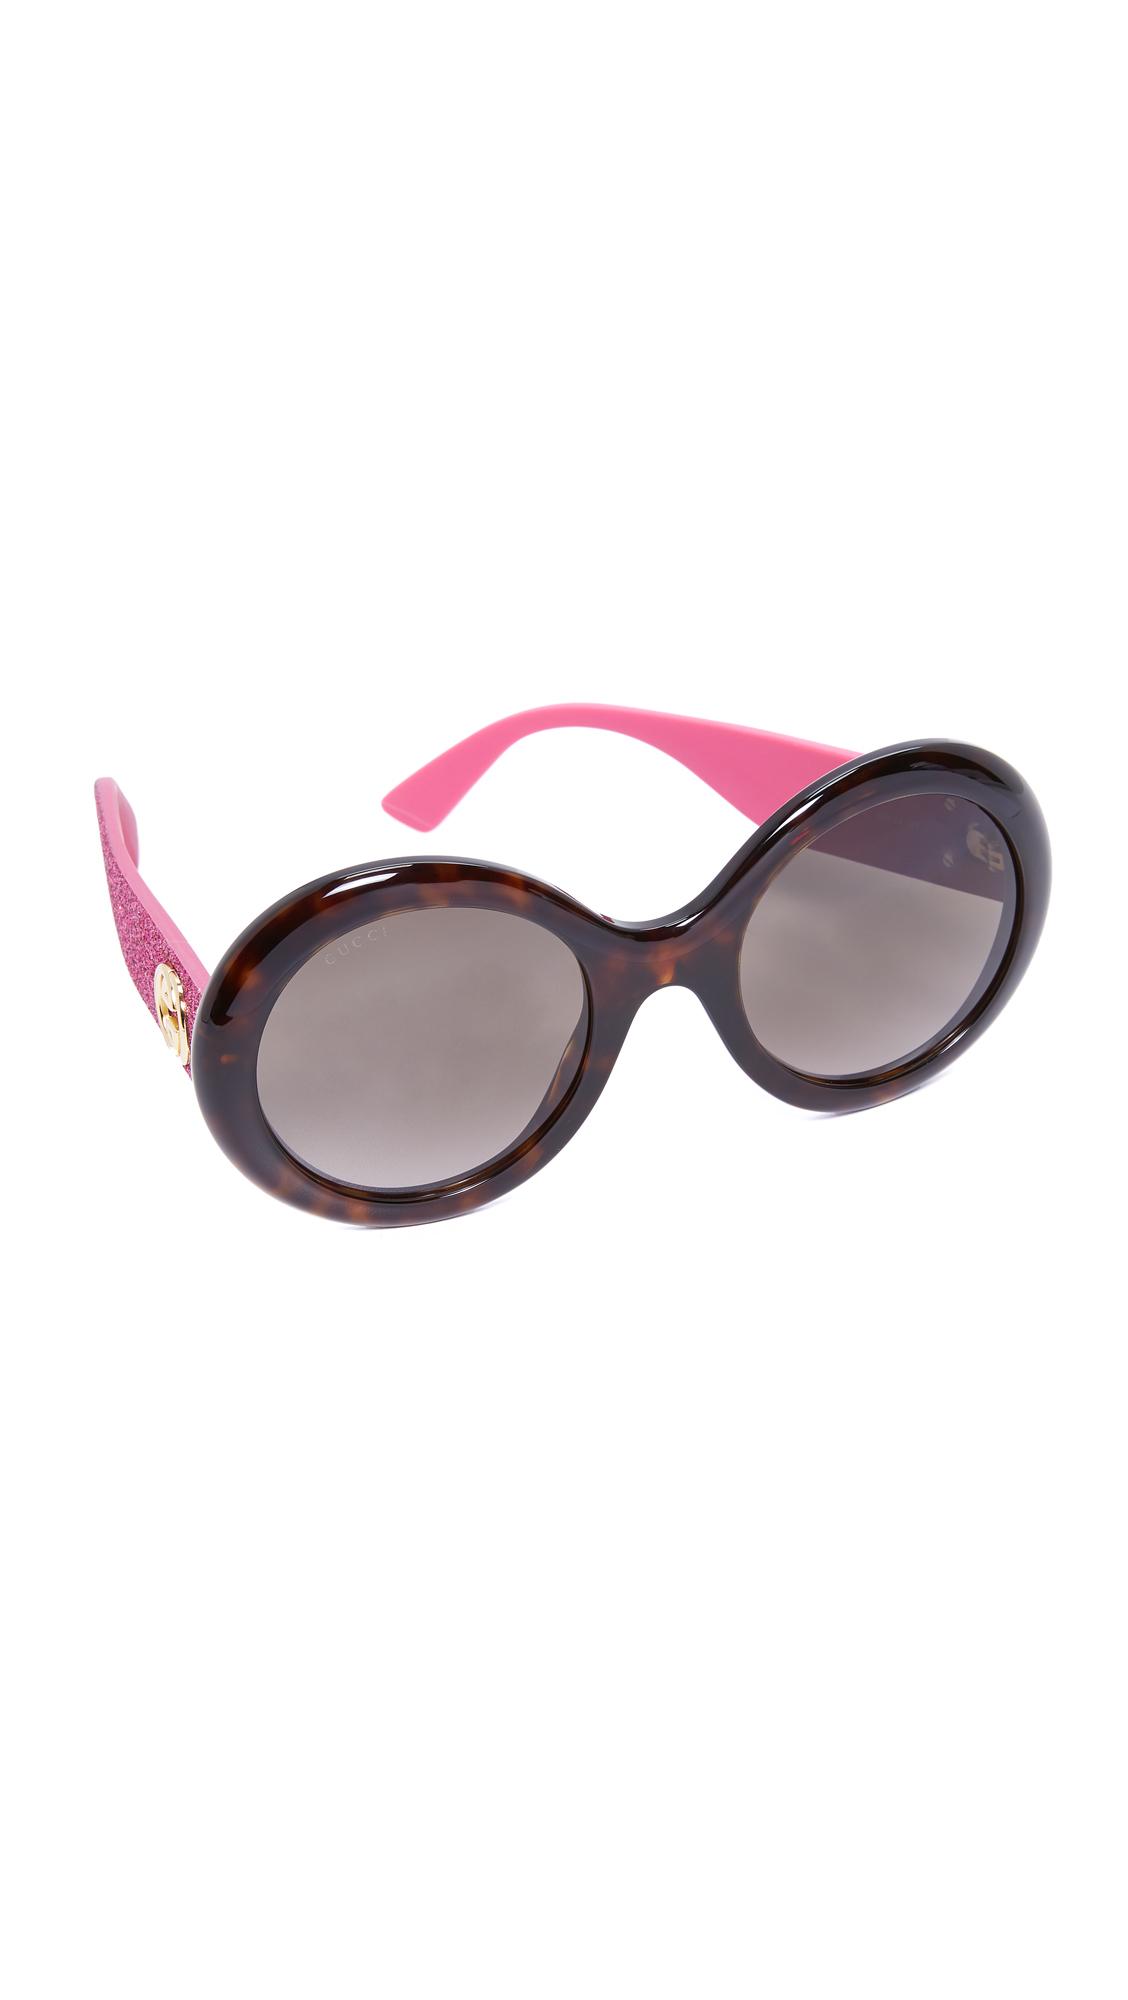 Gucci Urban Pop Glitter Round Sunglasses - Dark Havana Pink/Brown